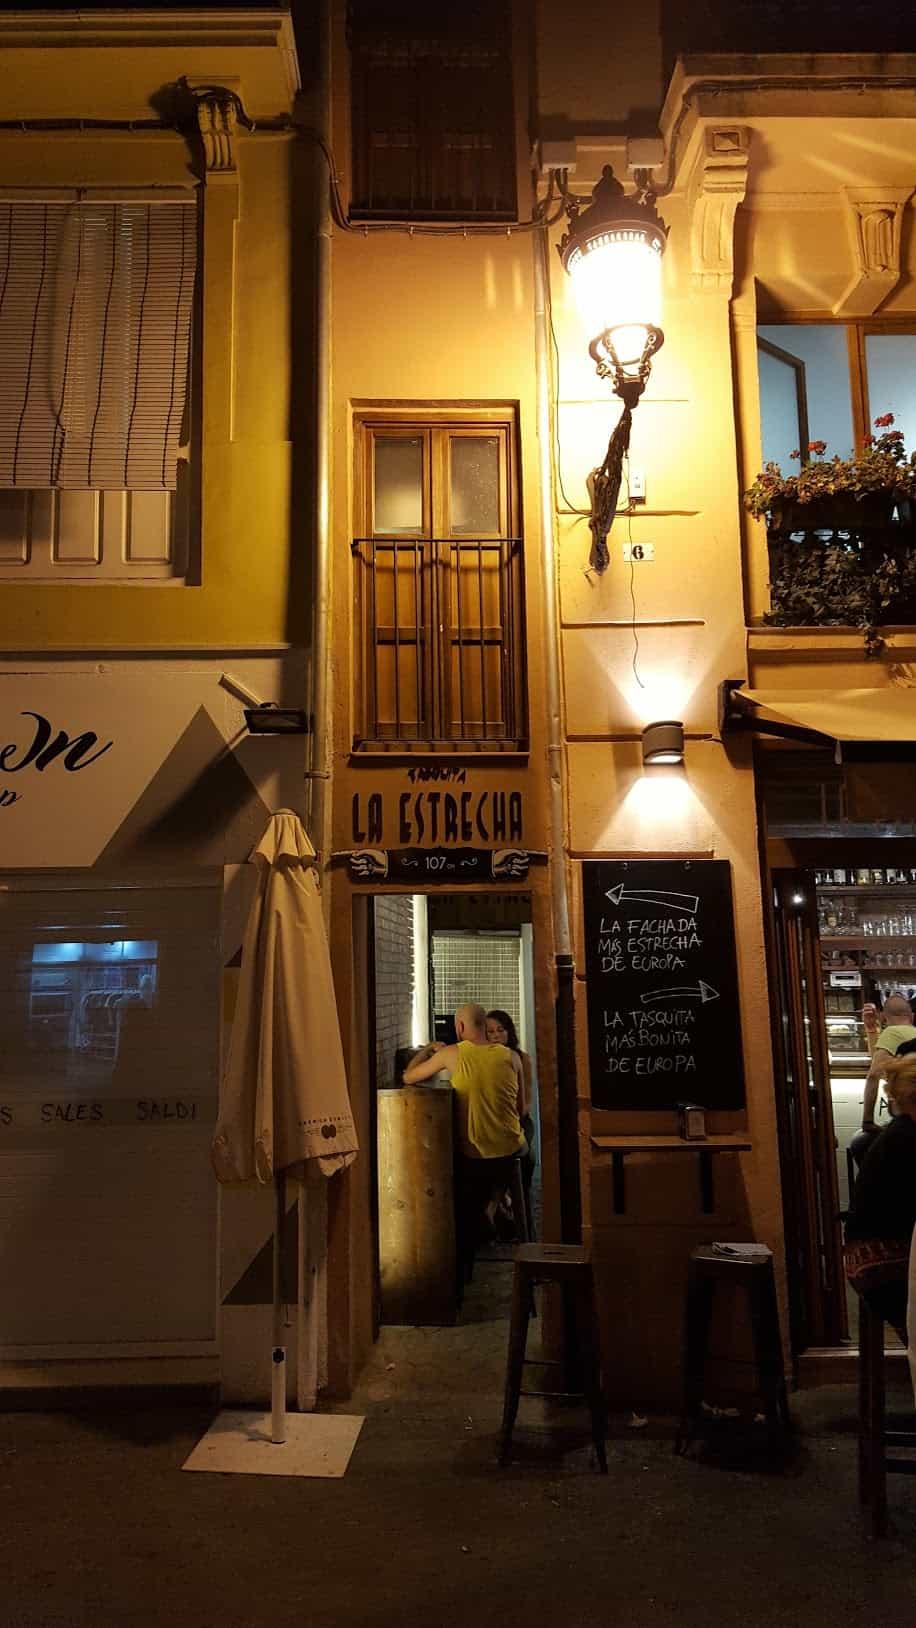 Достопримечательности Валенсии - Самый узкий дом в Европе